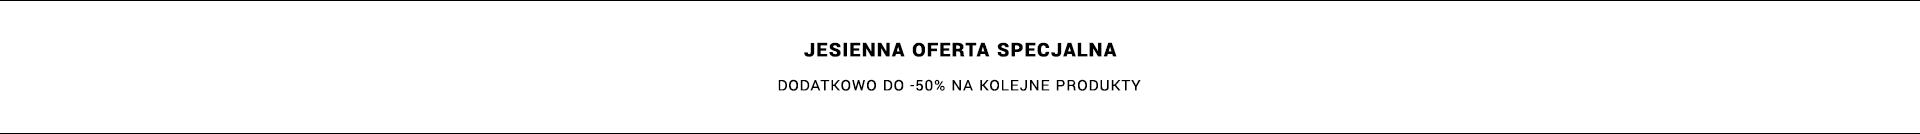 jesienna-oferta-specjalna-kt-2.png